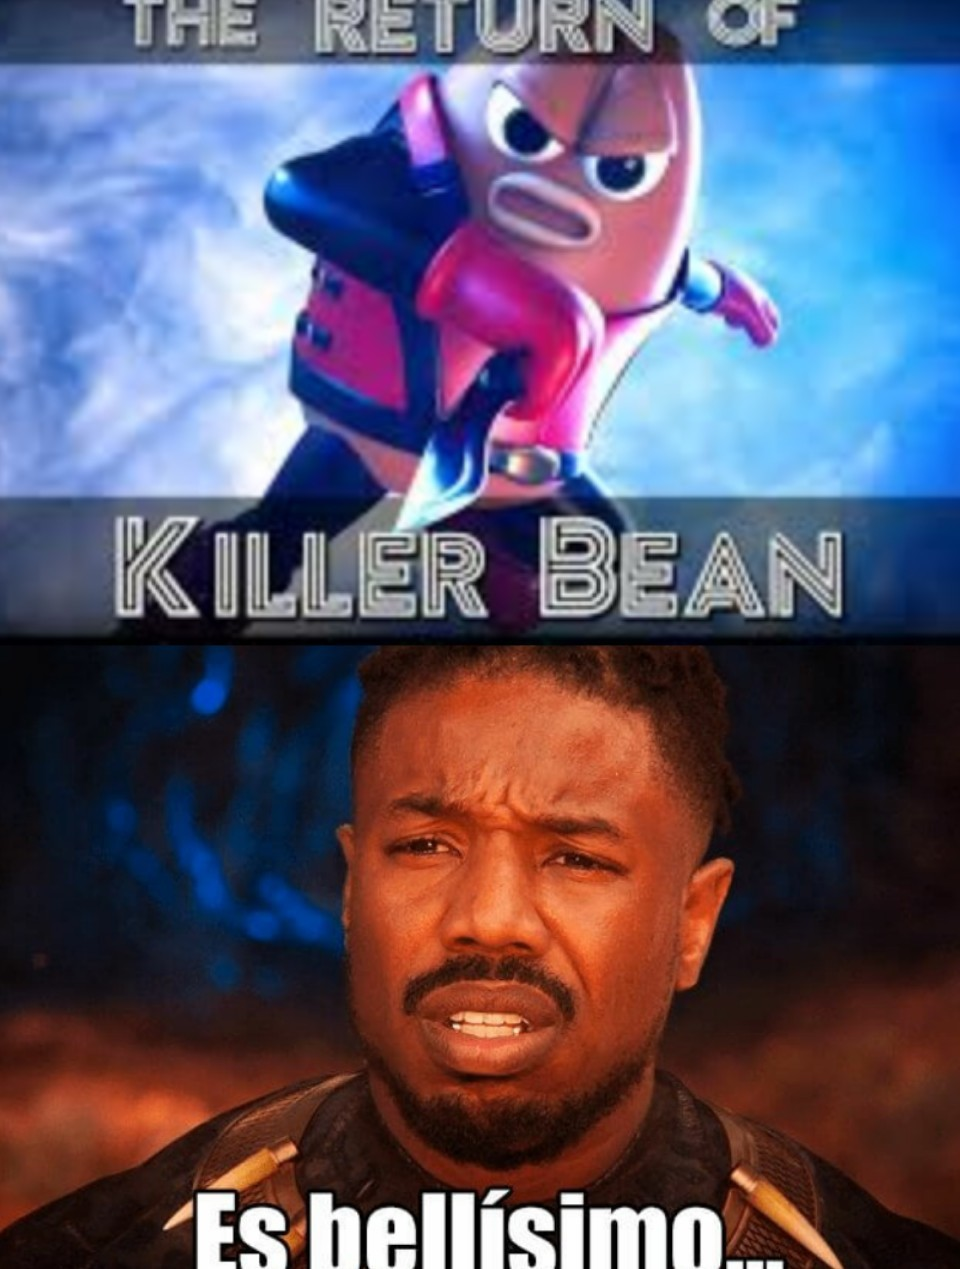 El Regreso De Killer Bean - meme